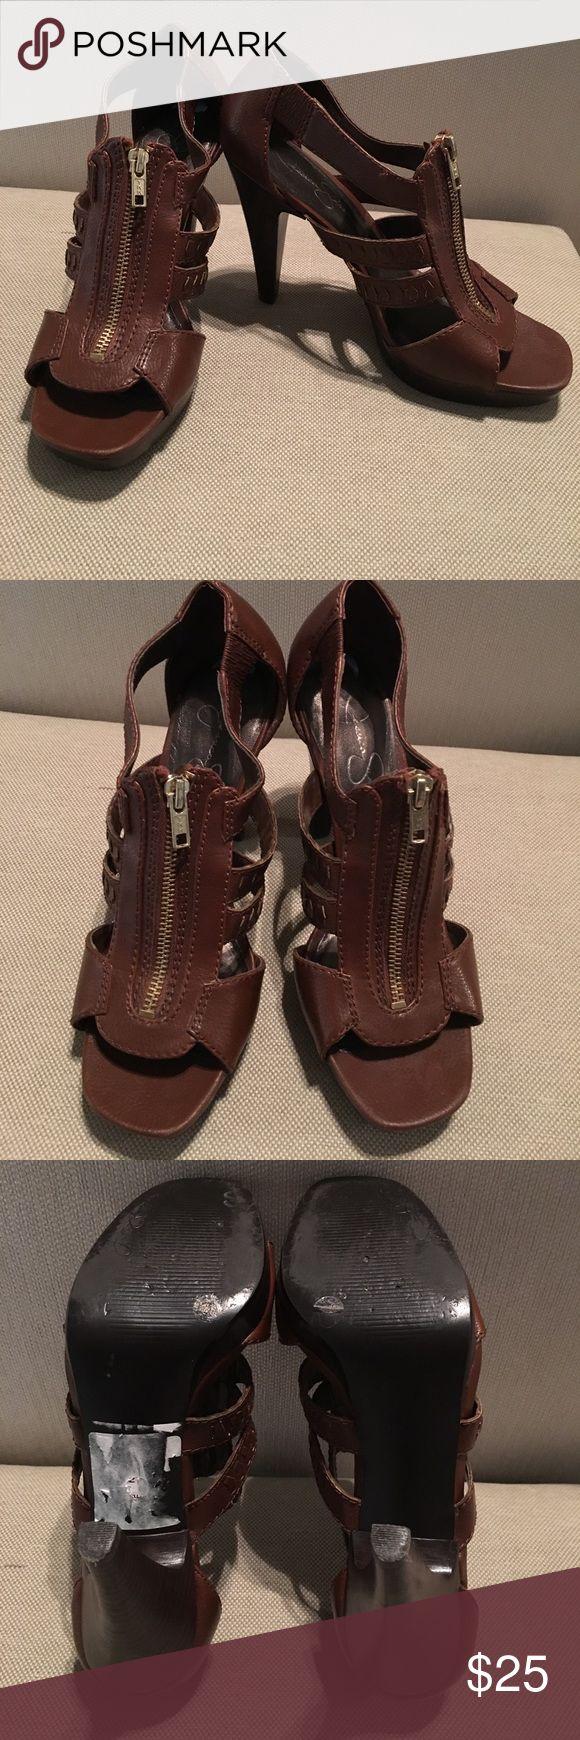 Jessica Simpson brown zip up open toed heels 7.5 Jessica Simpson brown with gold zip up opened toed heels. 7.5, worn twice. Jessica Simpson Shoes Heels